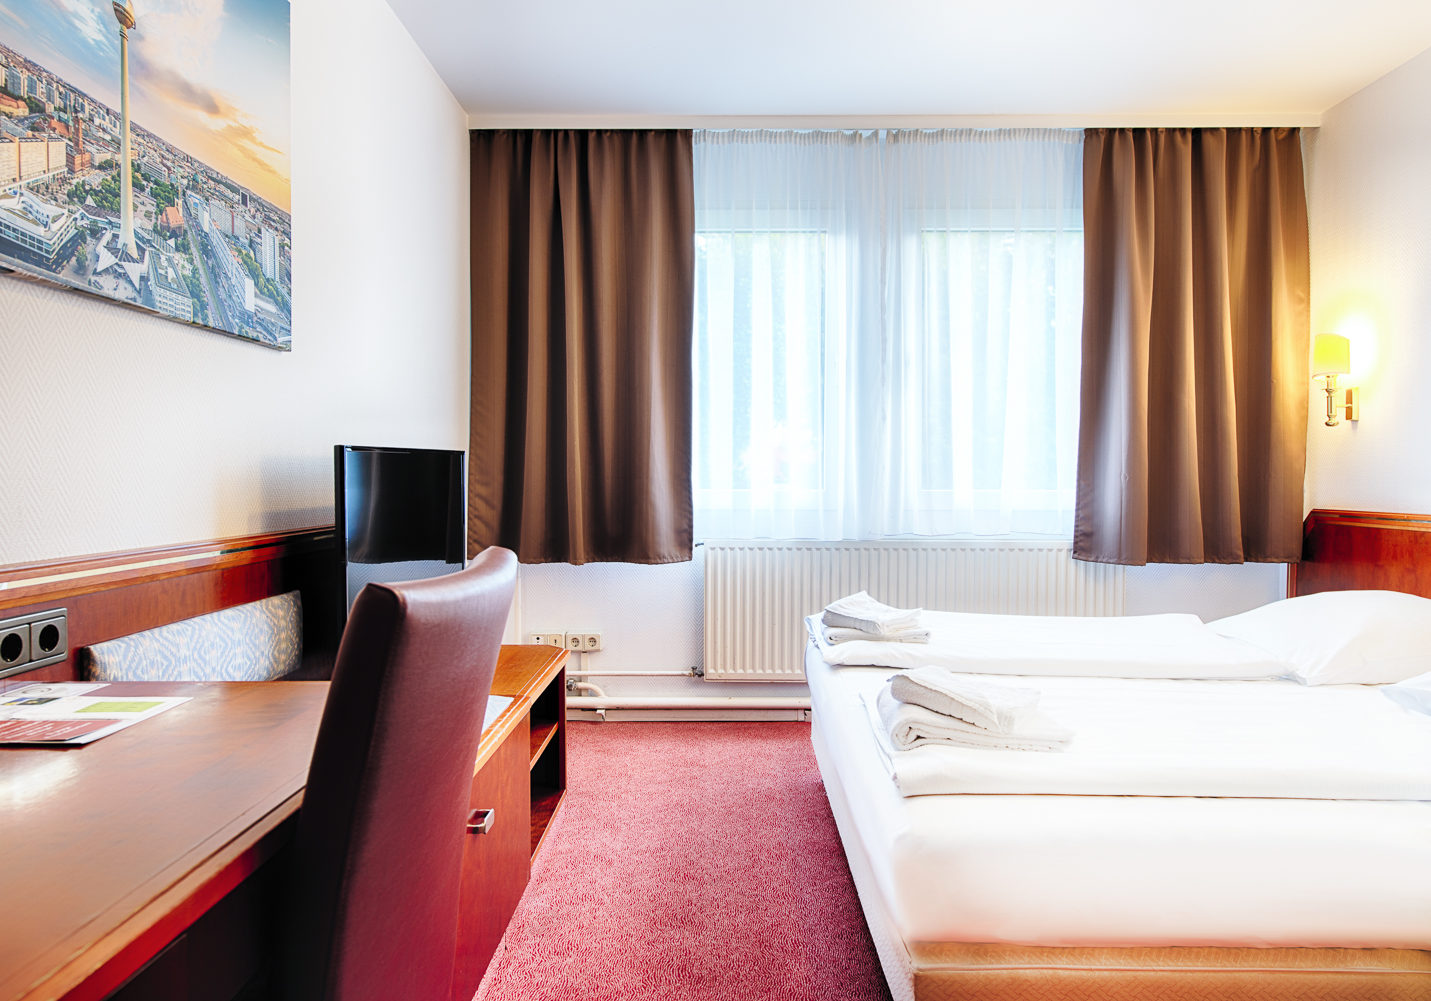 HOTEL_B1_116_2BETT_1_klein